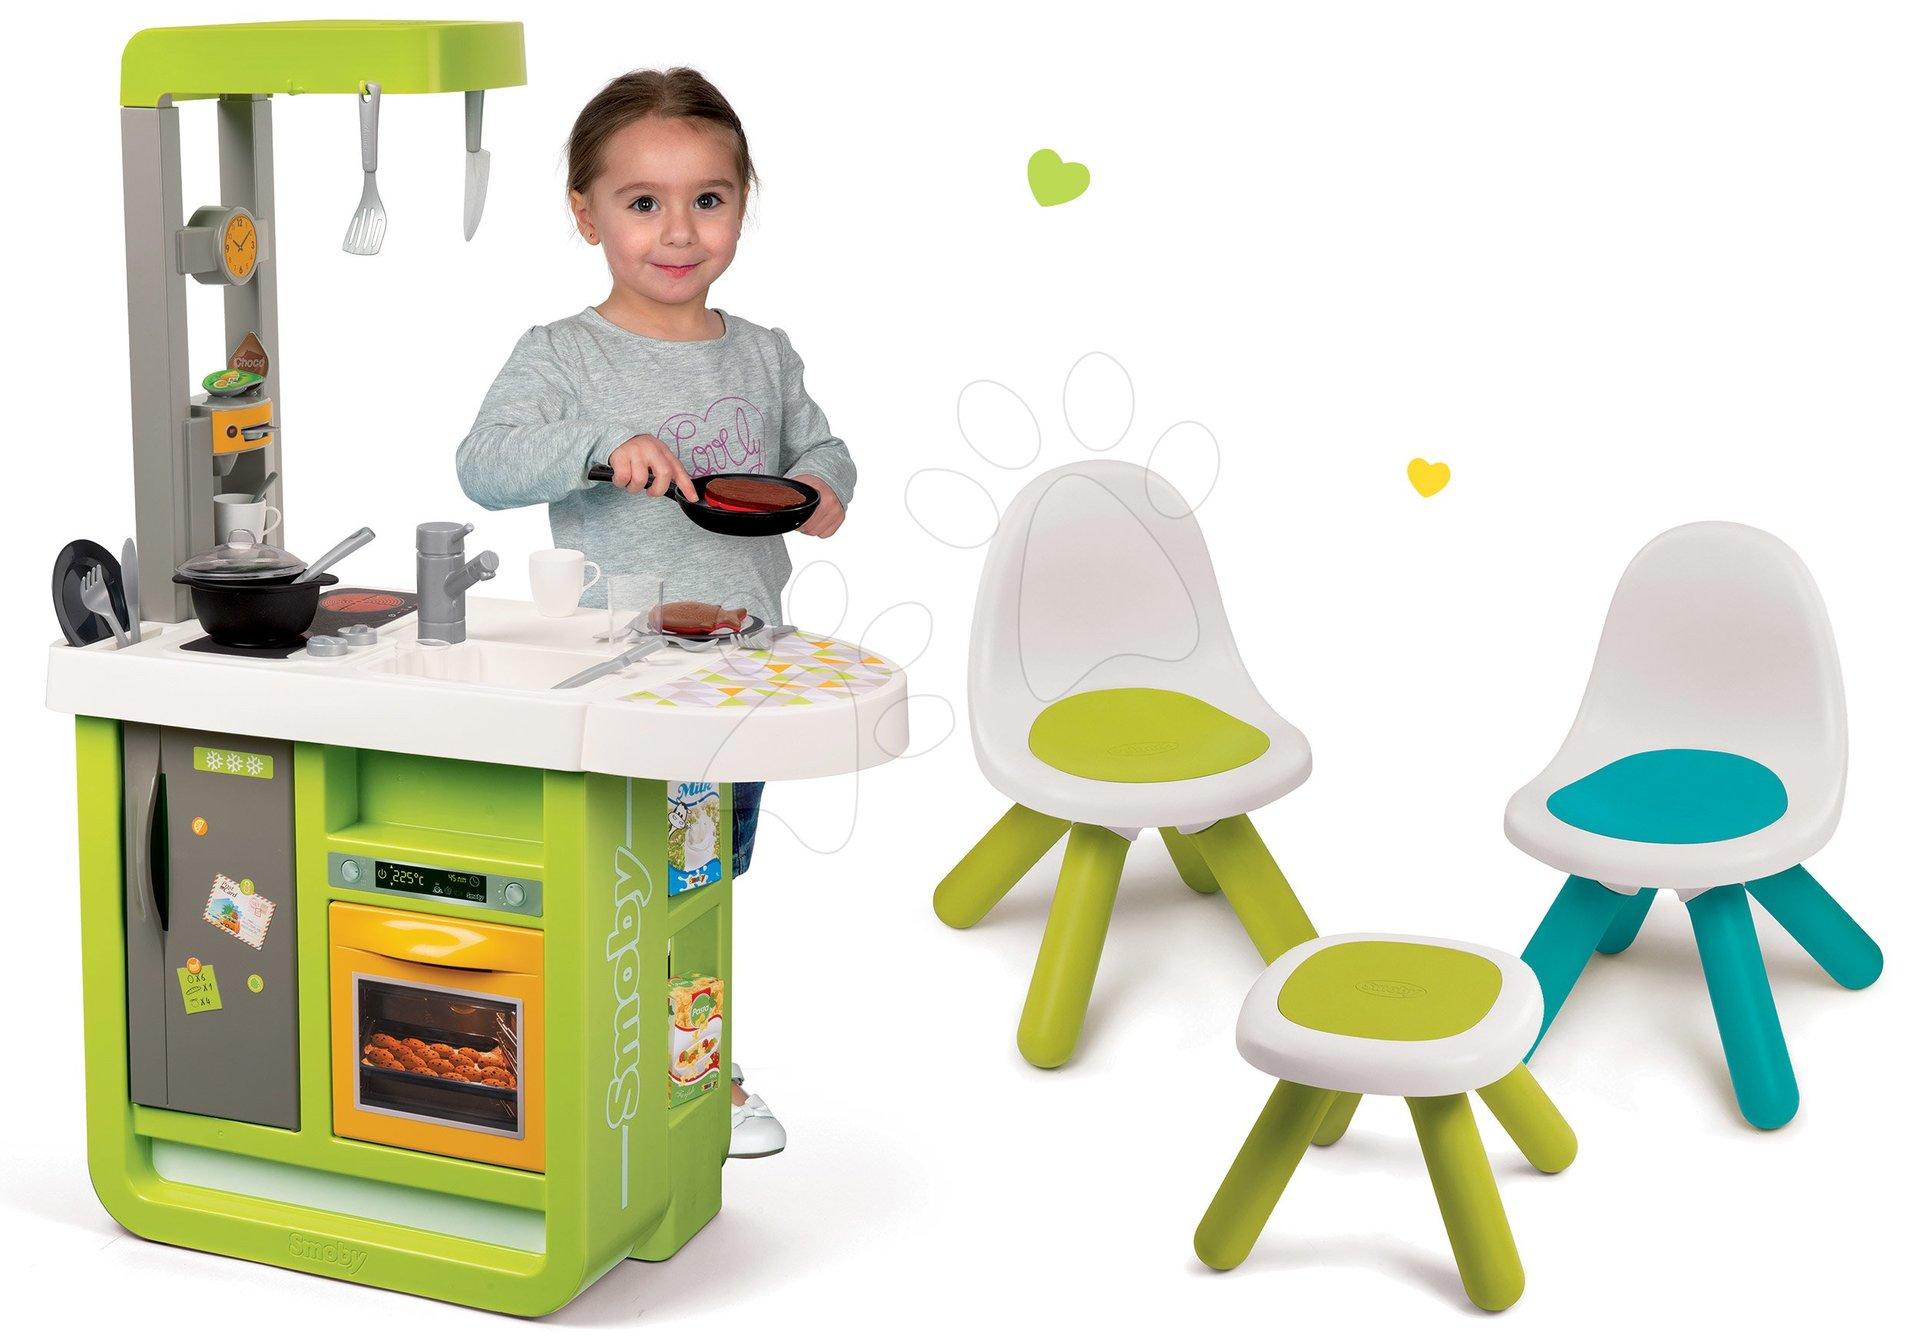 Smoby set detská kuchynka Cherry Kitchen a detský stolík Piknik s dvoma stoličkami KidChair Blue 310900-6